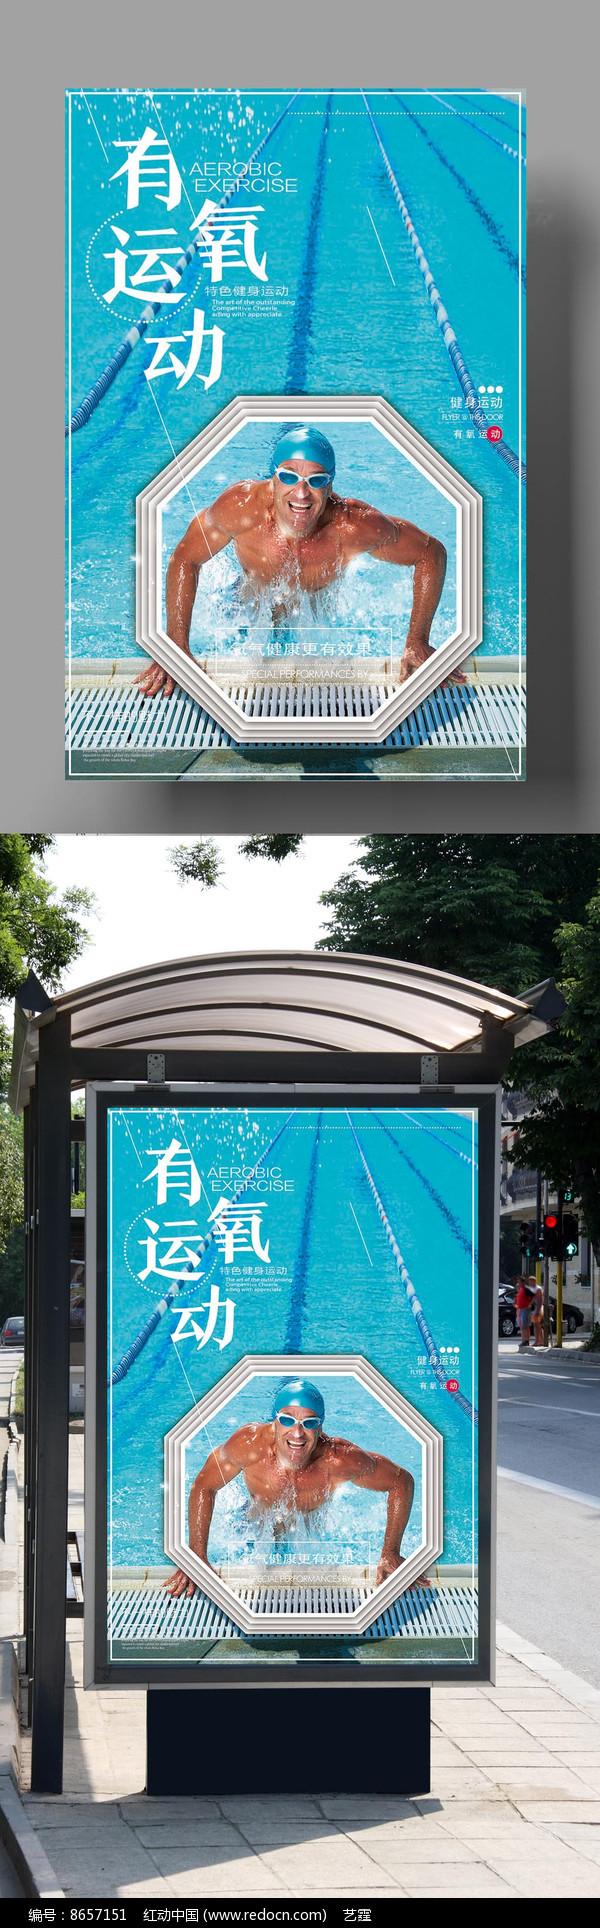 户外有氧运动游泳海报图片